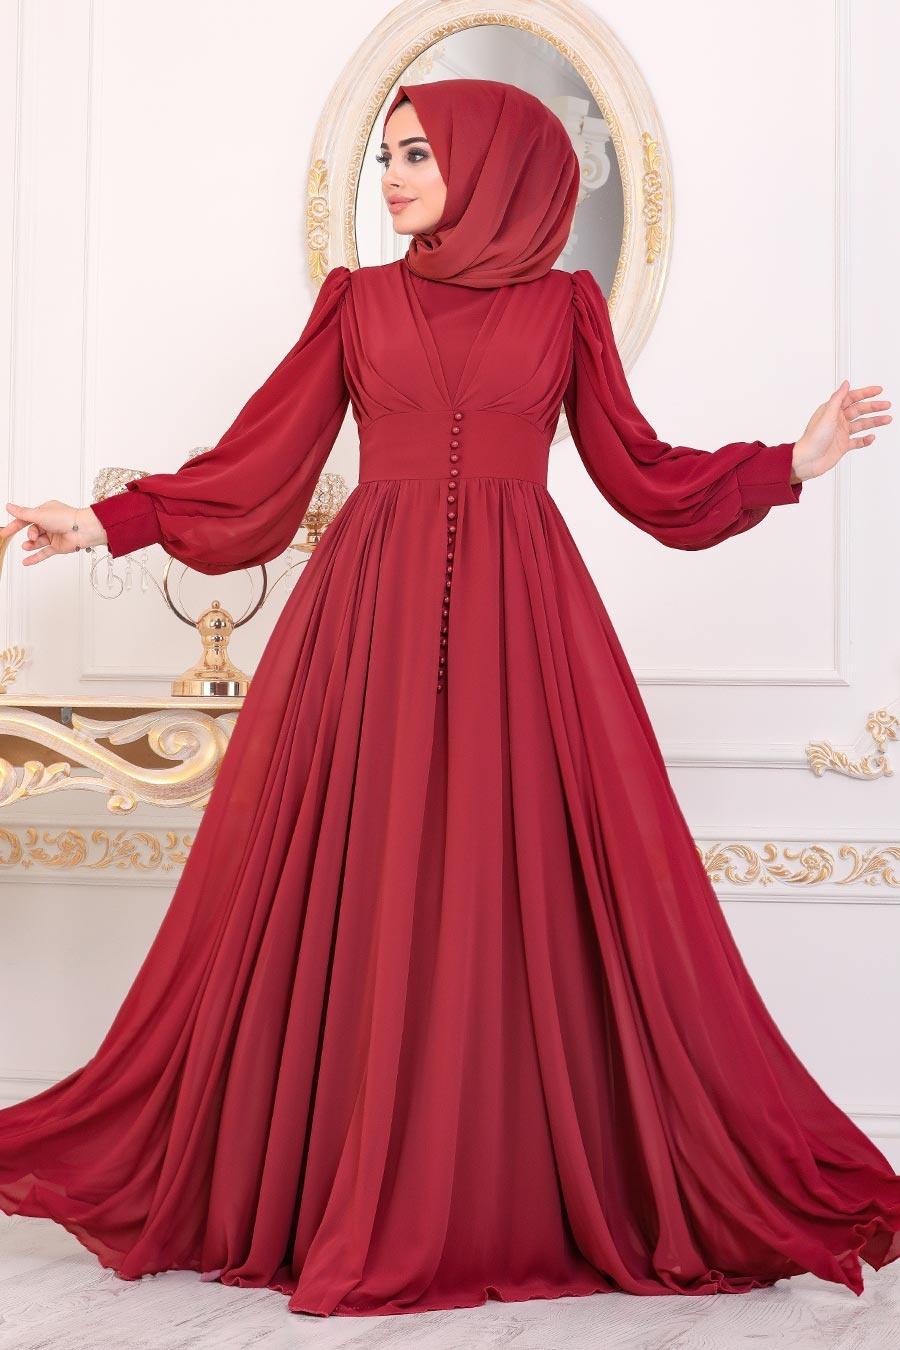 Tesettürlü Abiye Elbise - Düğme Detaylı Bordo Tesettür Abiye Elbise 41011BR